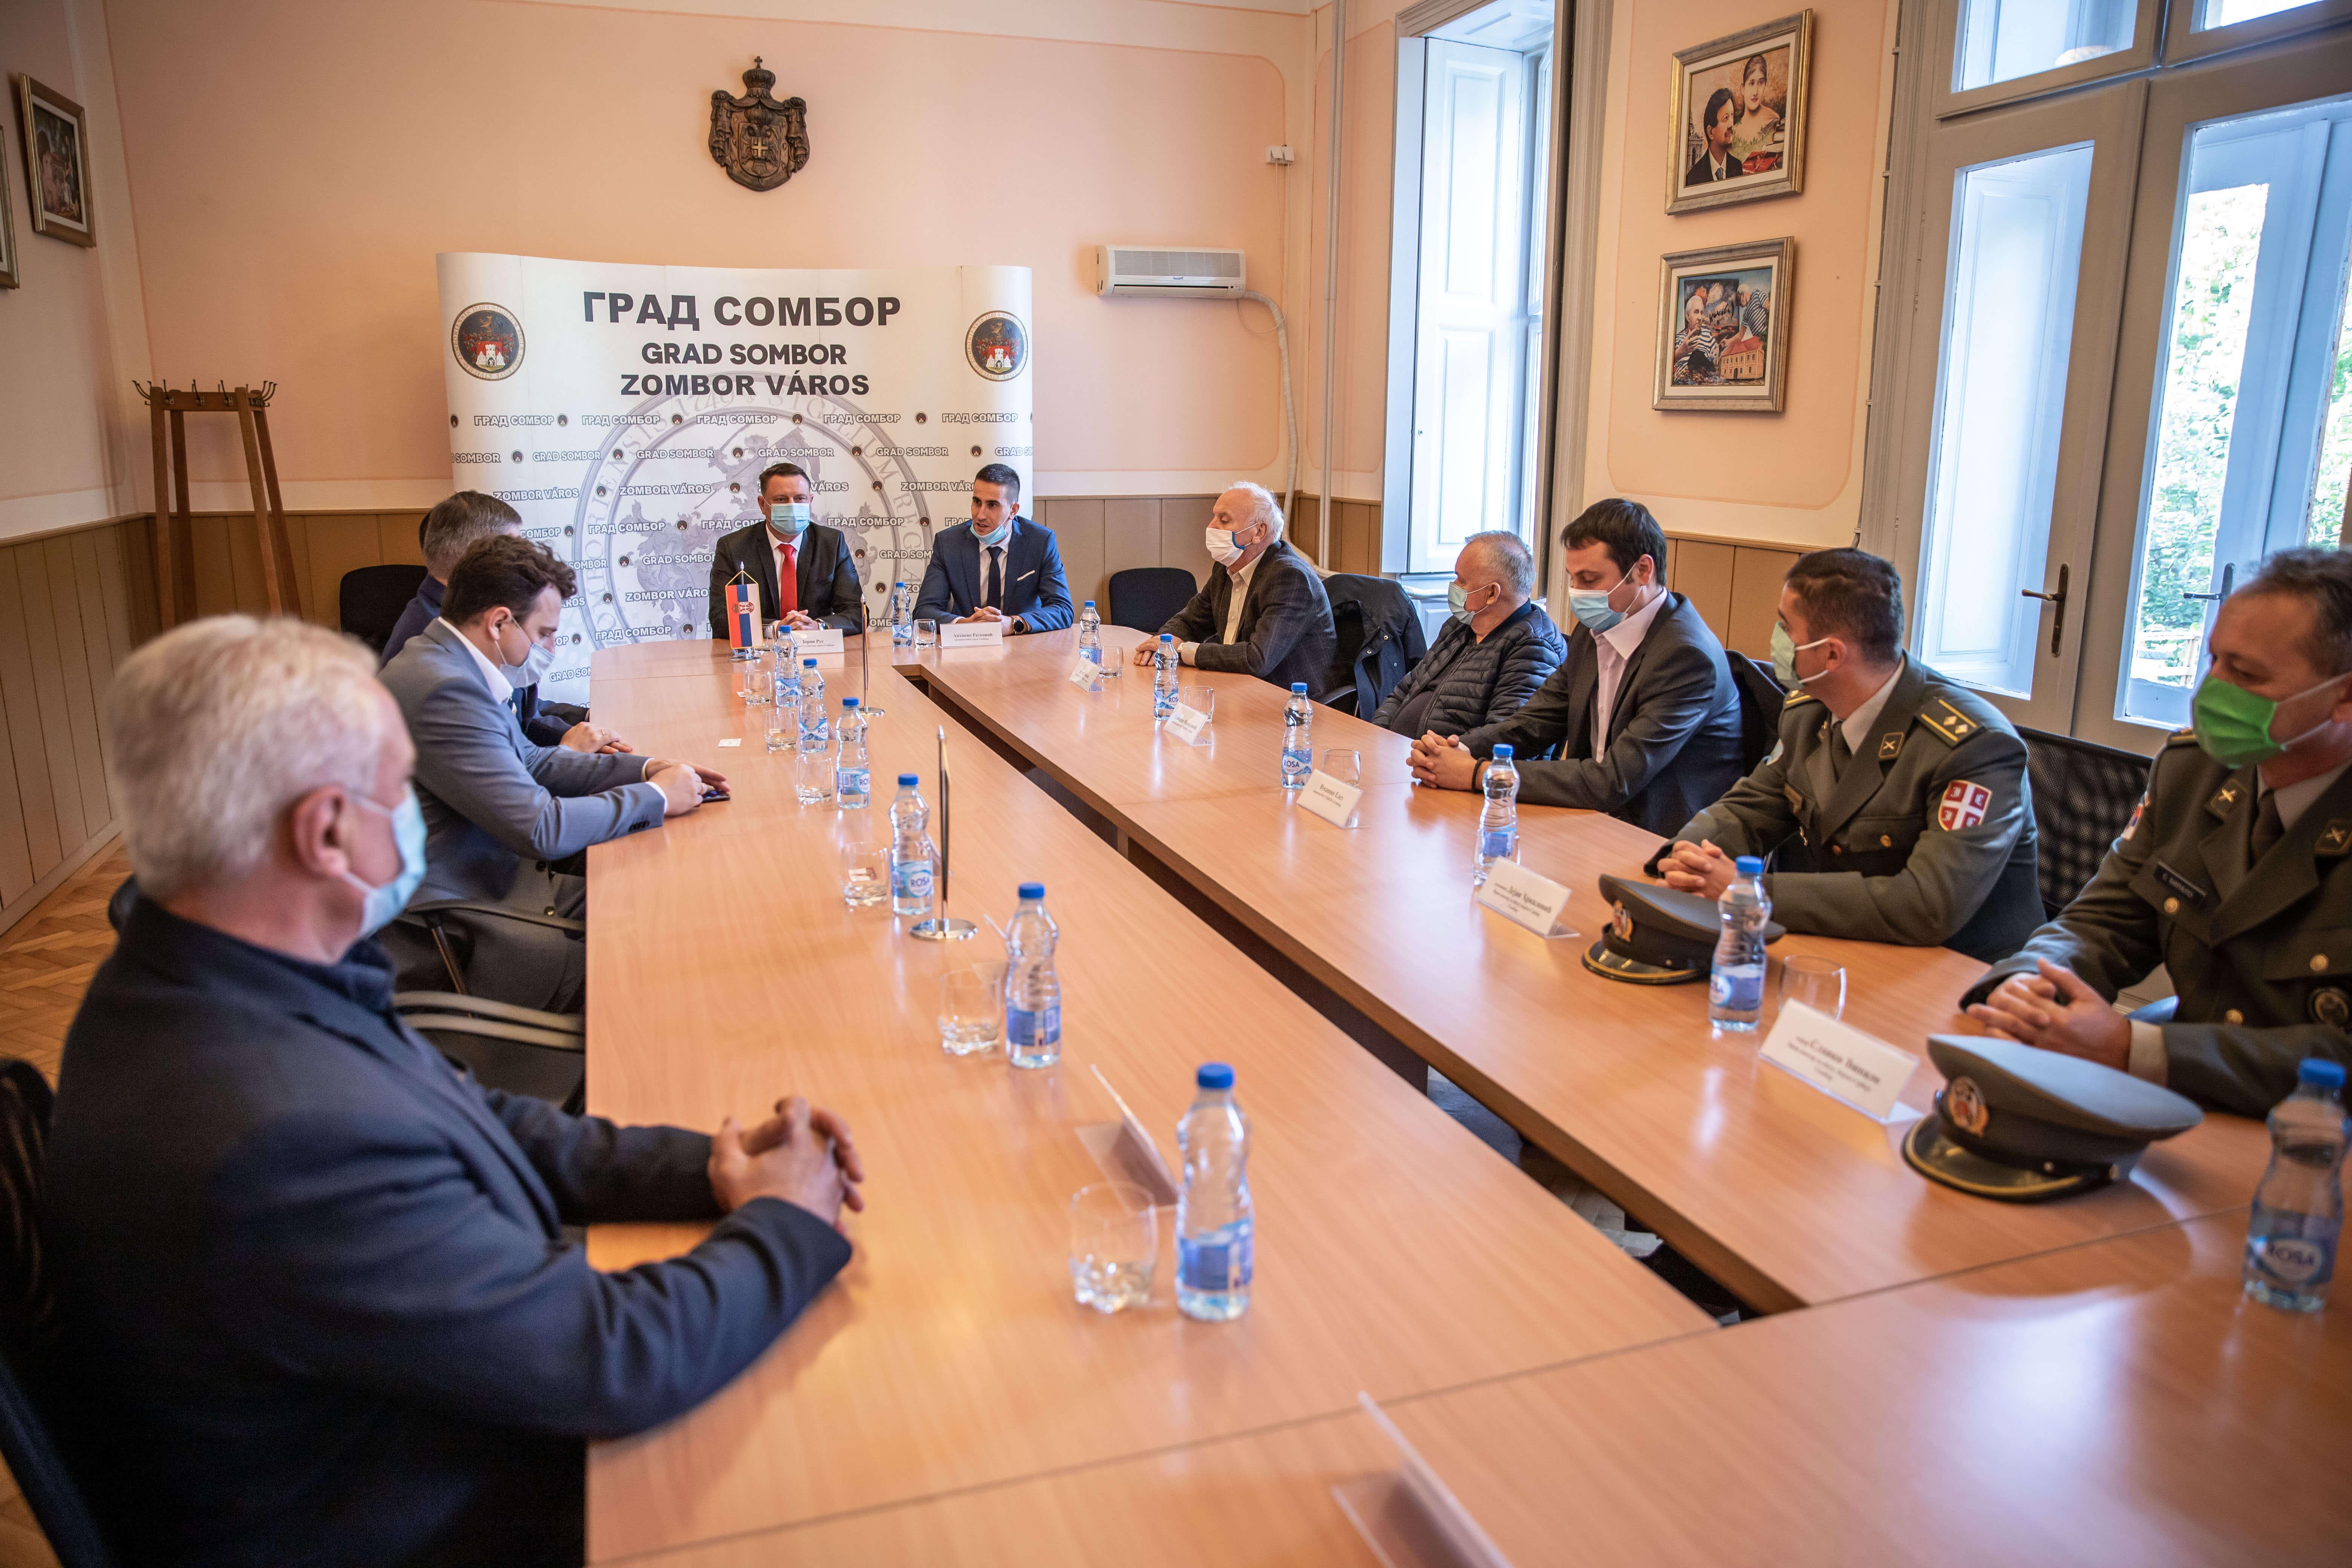 Пријем код председника Скупштине града Зорана Руса и градоначелника Антониа Ратковића